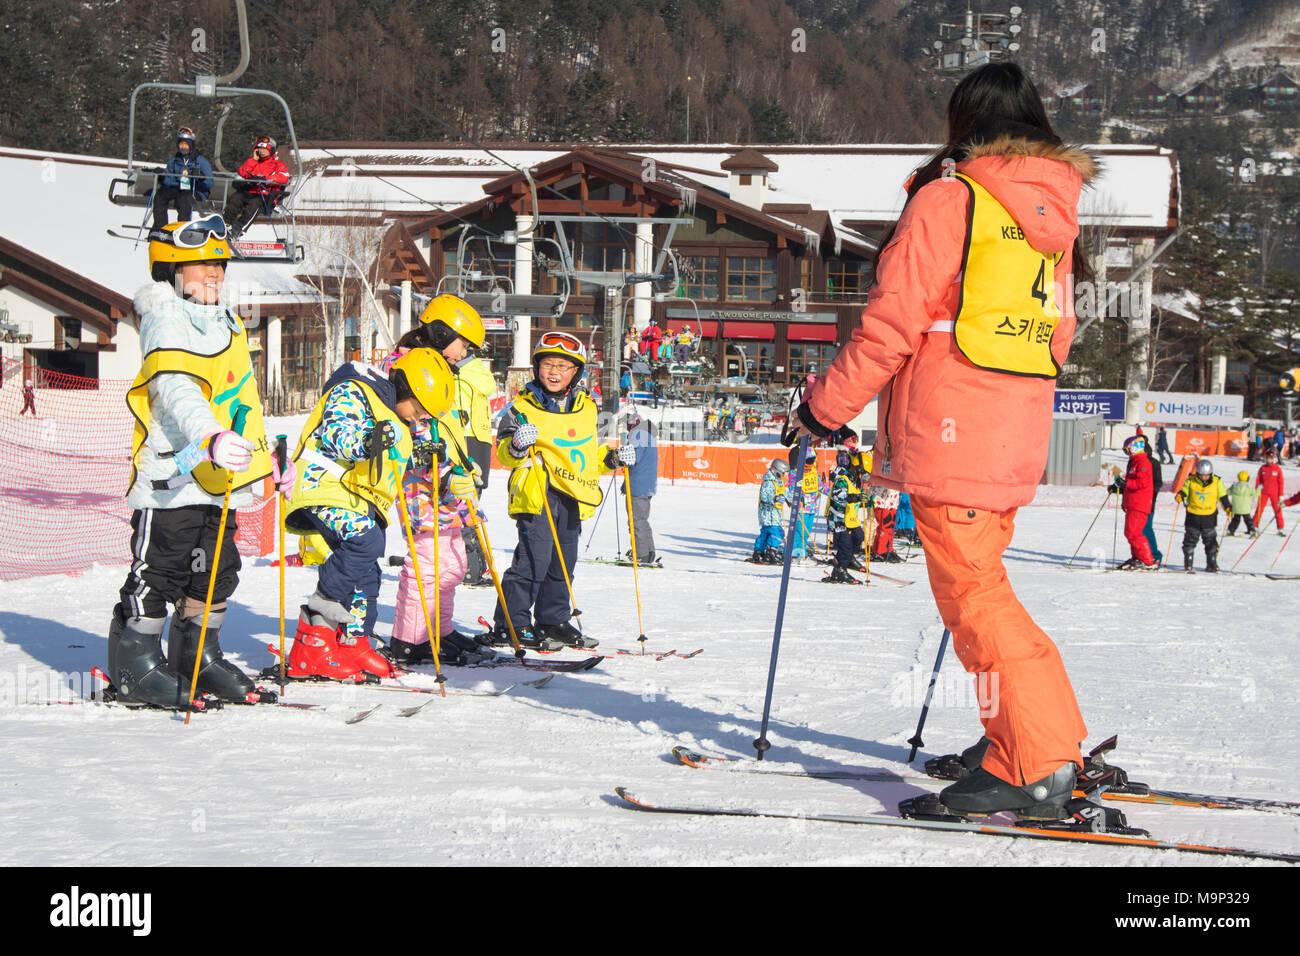 Ein Skilehrer und eine Gruppe von asiatischen Kindern an einem bunny Neigung von yongpyong. Das Yongpyong-resort (Dragon Valley) Ski Resort ist ein Skigebiet in Südkorea, in Daegwallyeong-myeon, Pyeongchang, Gangwon-do. Es ist die größte Ski- und Snowboard Resorts in Korea. Das Yongpyong-resort bewirten die technischen Ski alpin Veranstaltungen für die olympischen Winterspiele und Paralympics 2018 in Pyeongchang. Einige Szenen der 2002 Korean Broadcasting System drama Winter Sonata wurden im Resort gedreht. Stockbild